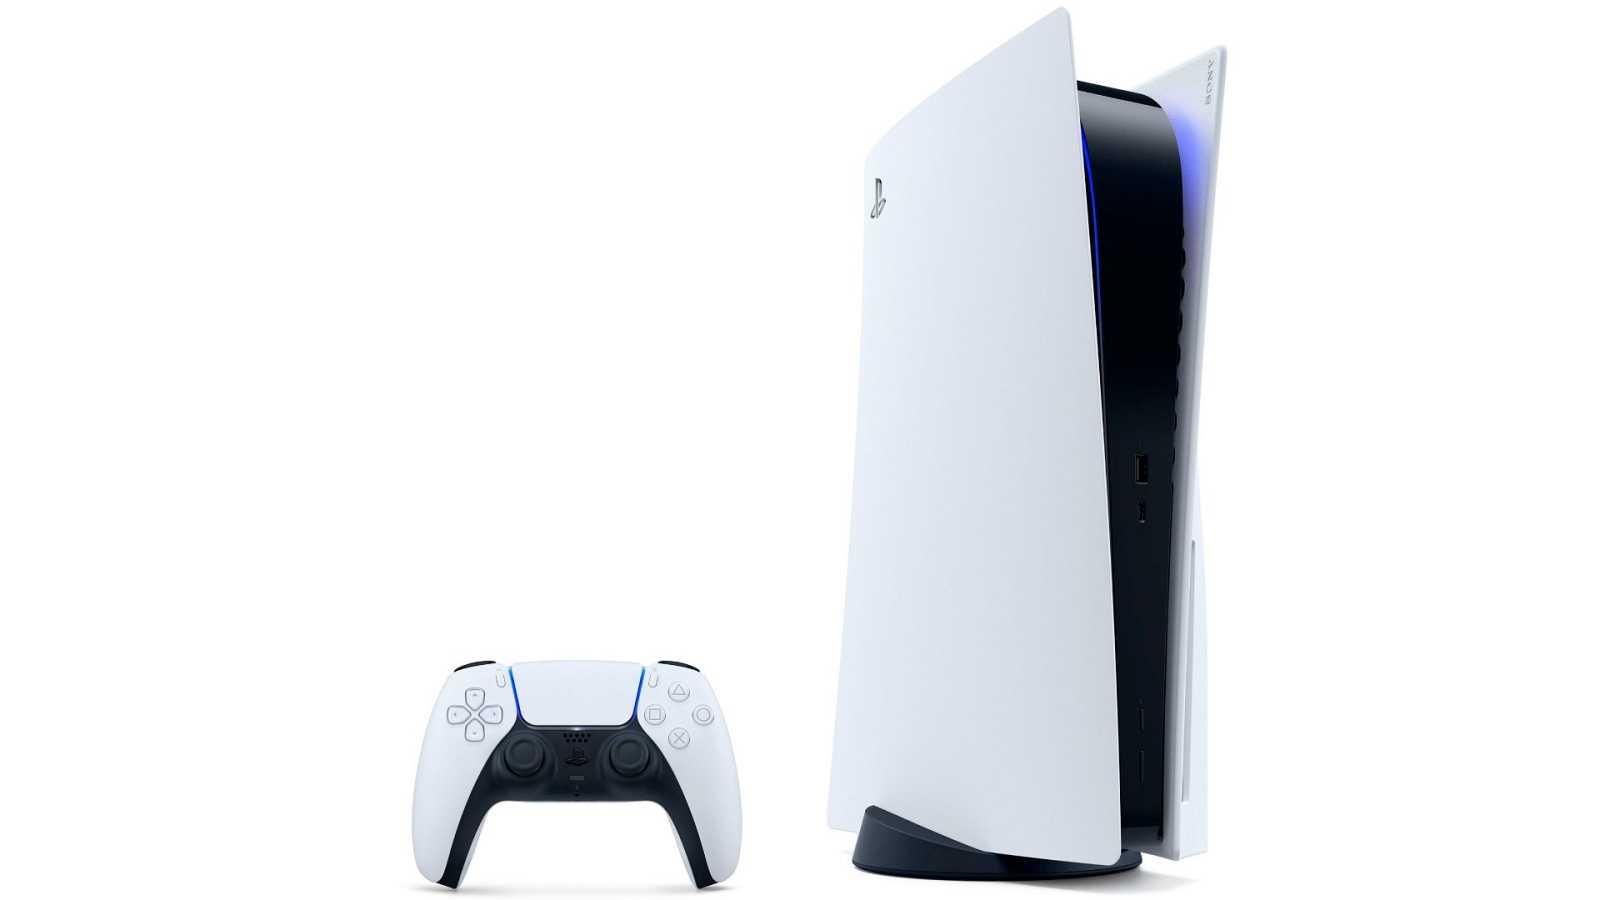 La nueva PlayStation 5 (PS5), bicolor y vertical, cuyo precio no ha sido desvelado por Sony